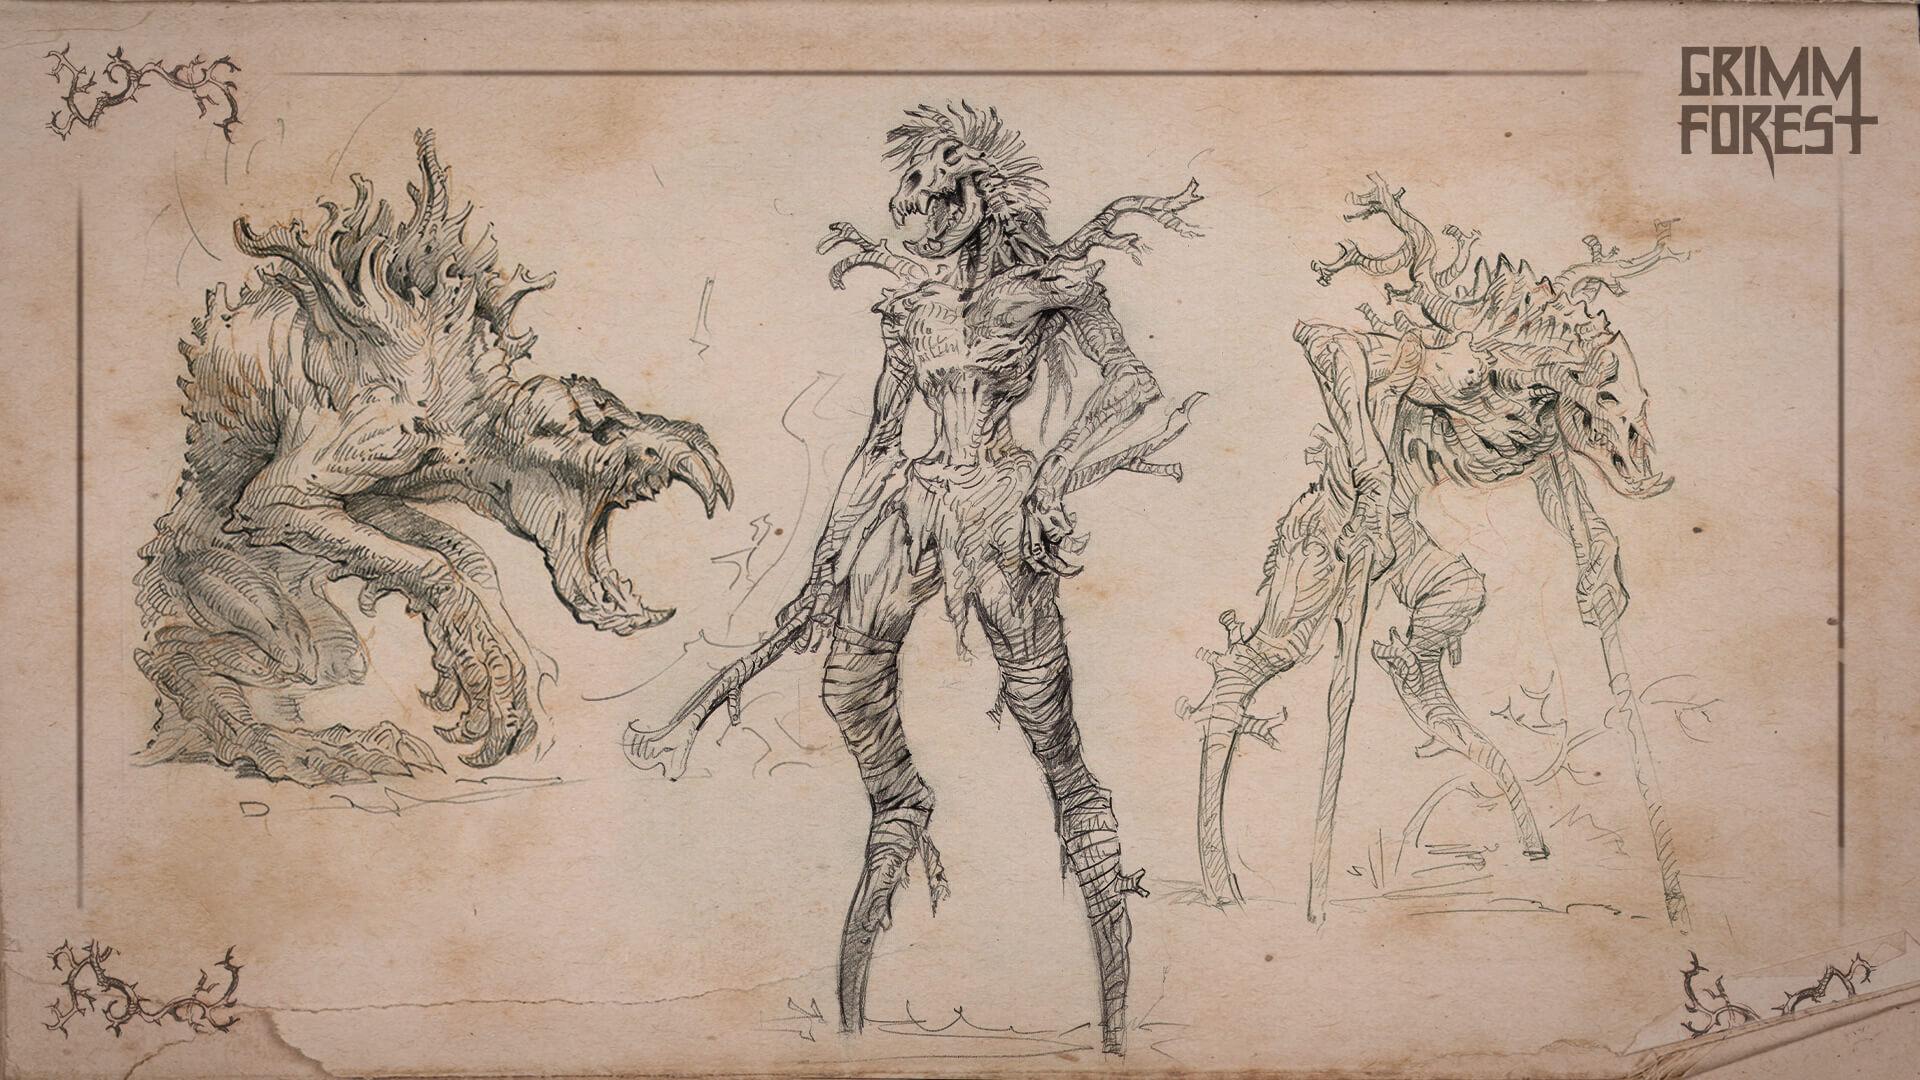 Grimm forest Concept Art